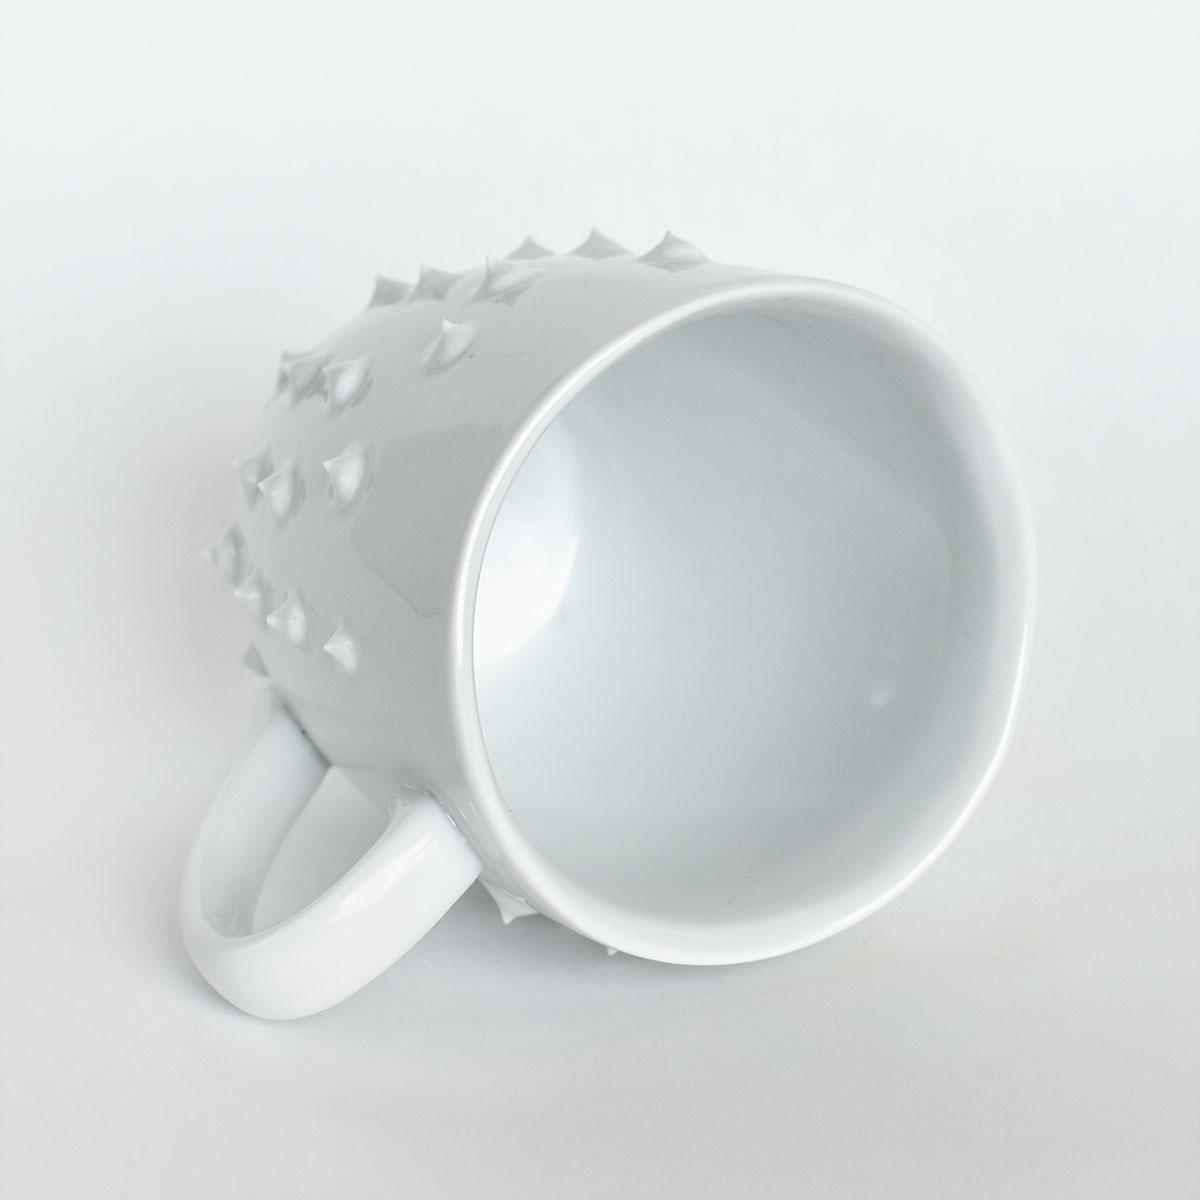 картинка Средняя белая кружка с шипами 4 - DishWishes.Ru